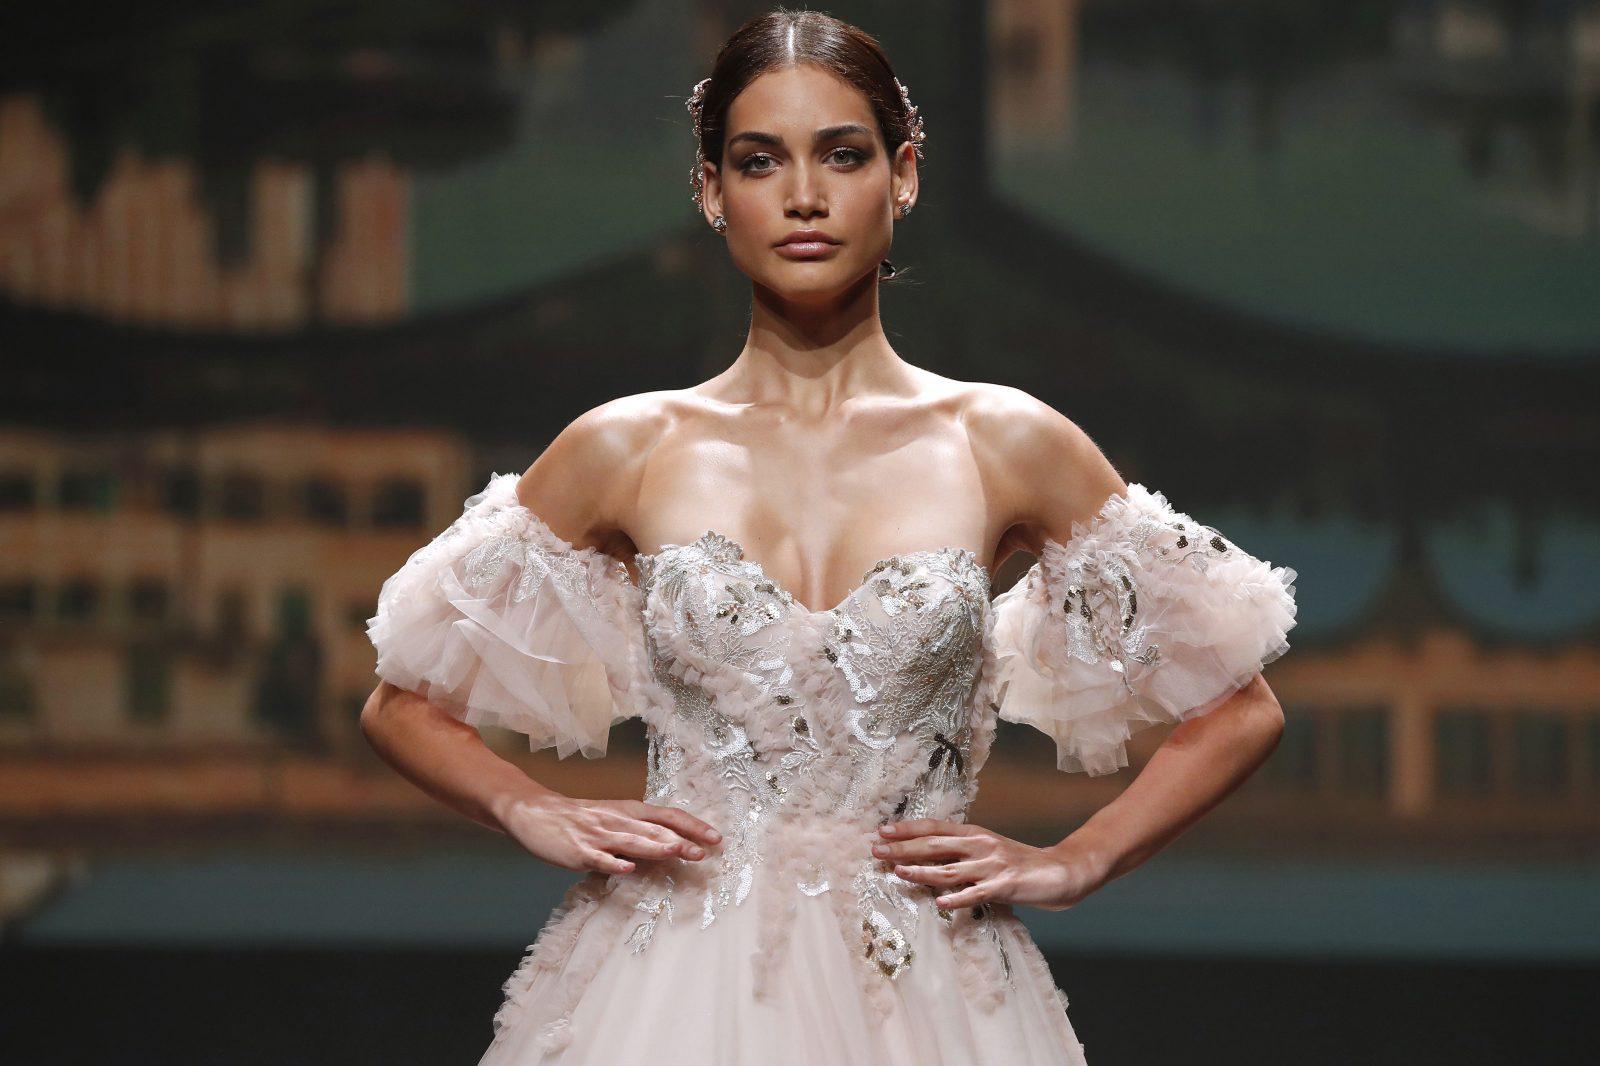 15 найбільш трендових весільних суконь для розкішних наречених